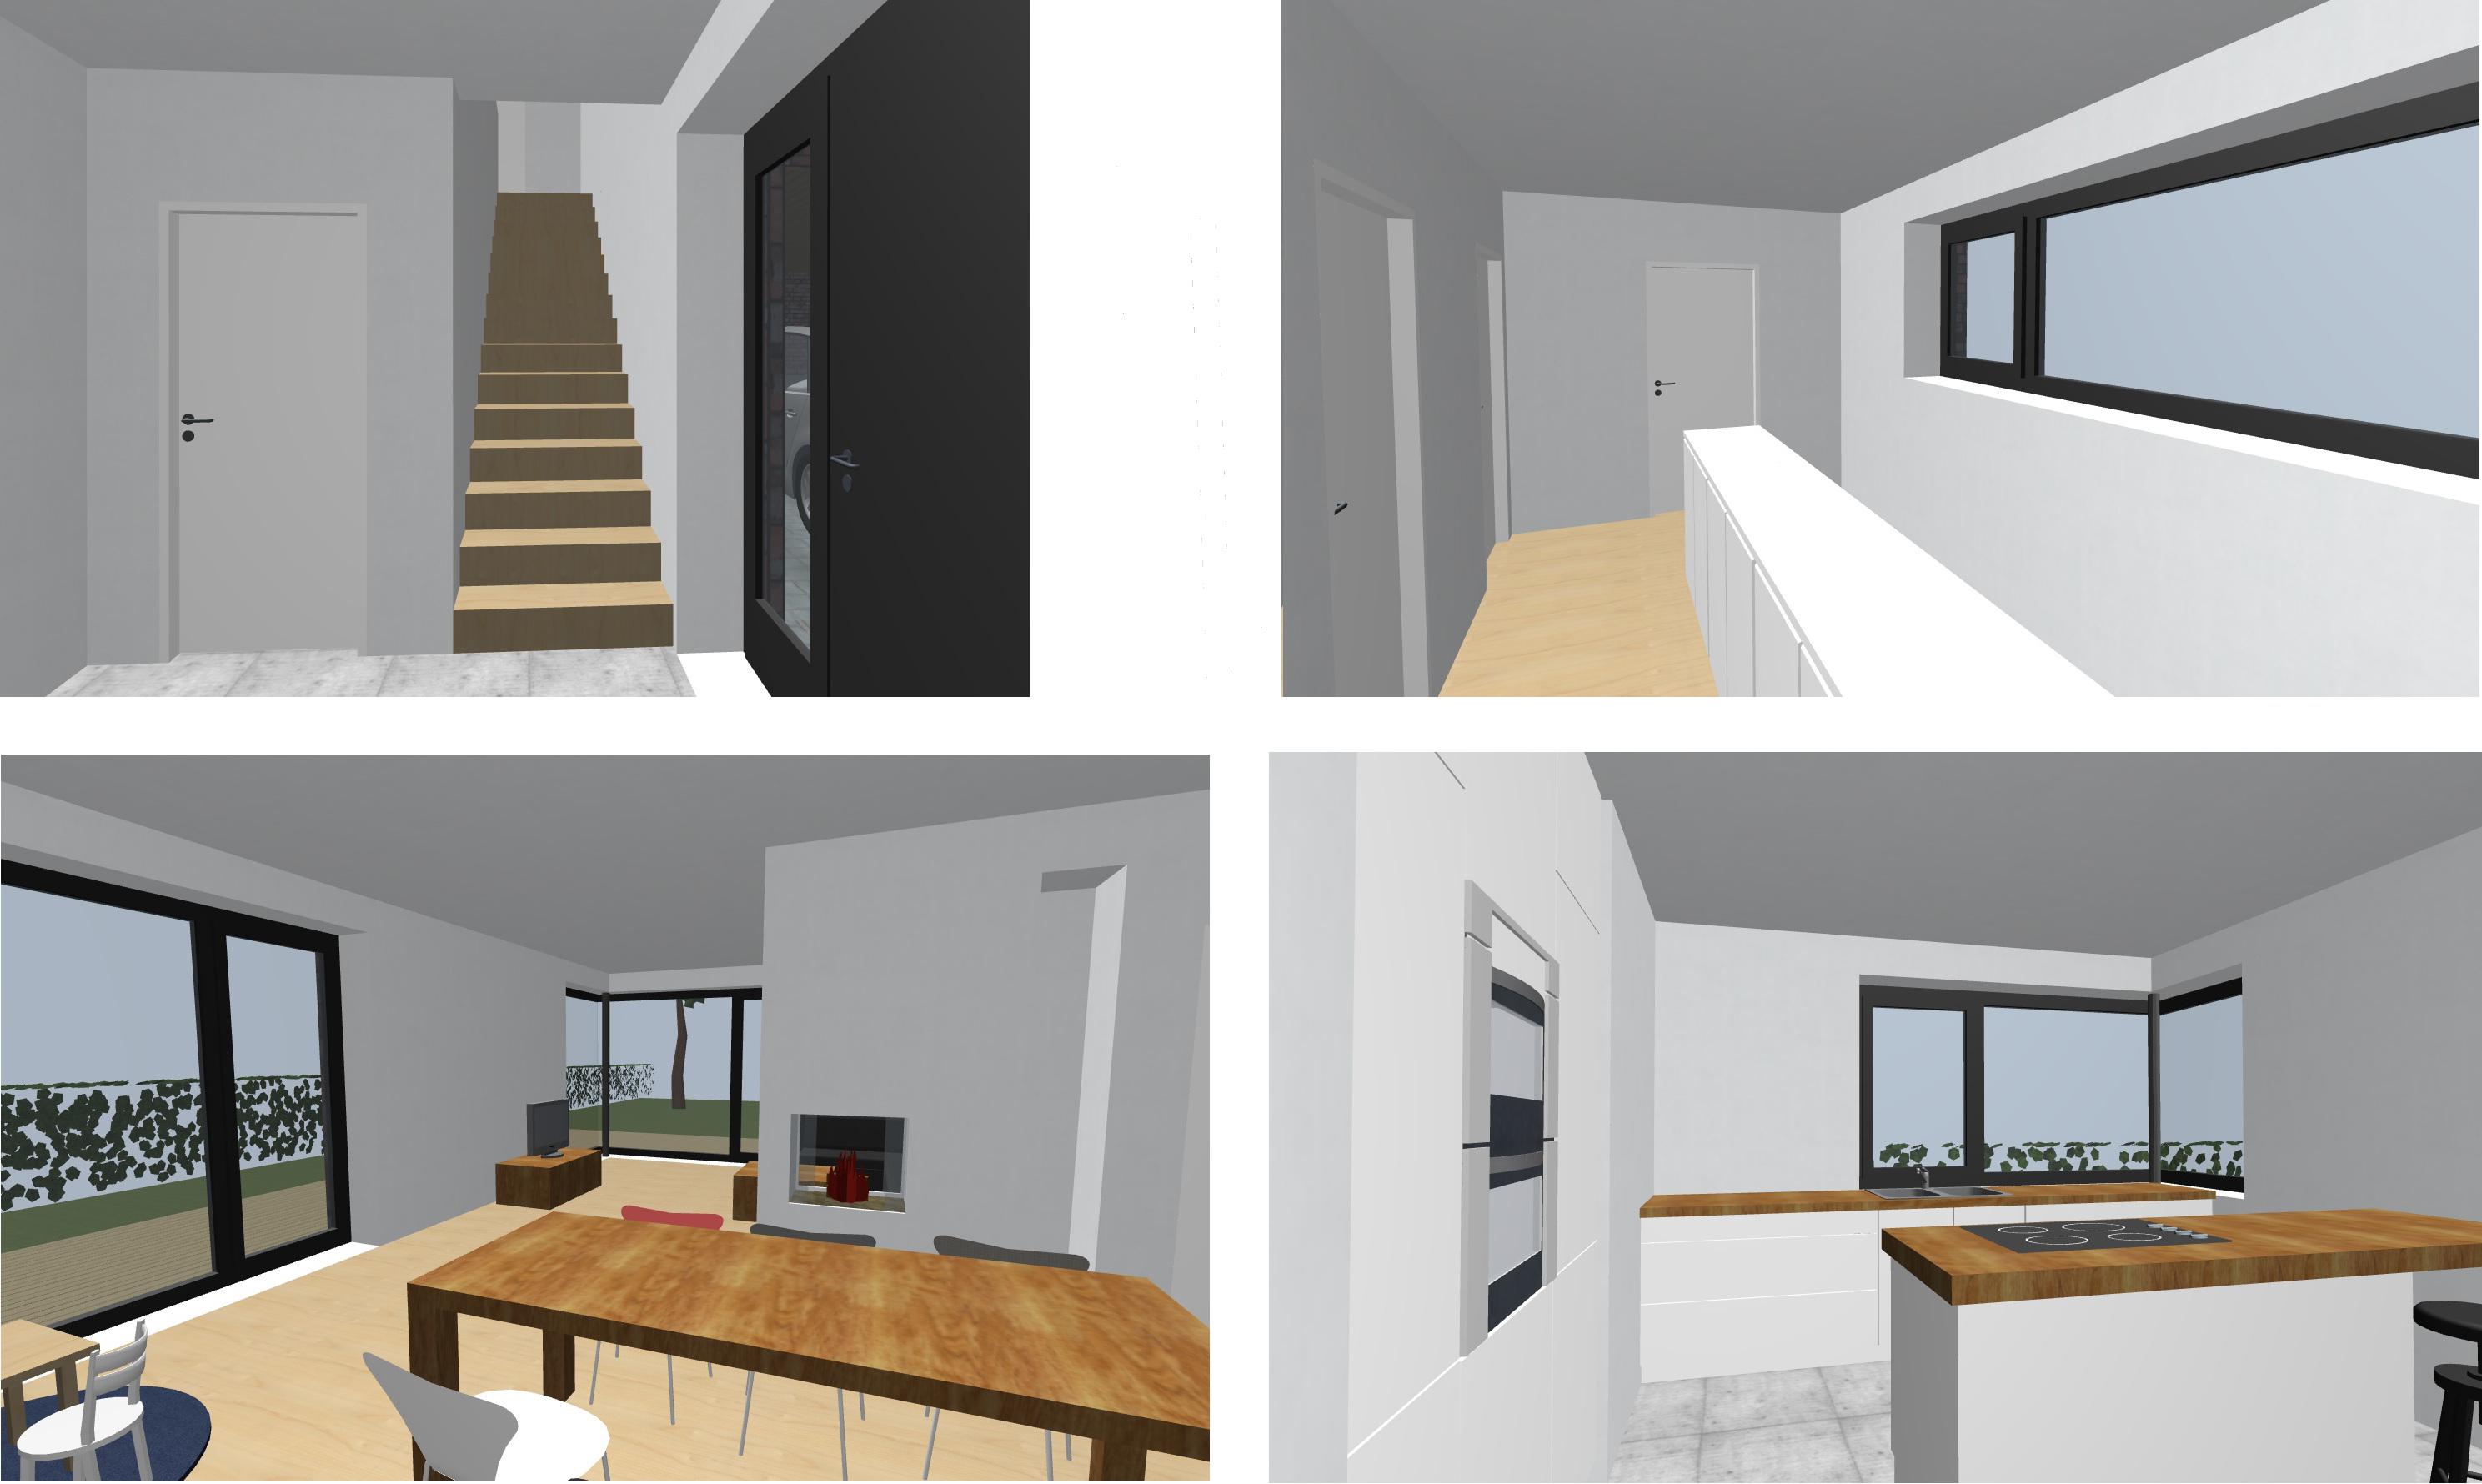 Modernes Treppenhaus Einfamilienhaus Haus Mit Atrium Bauen Wohn Design